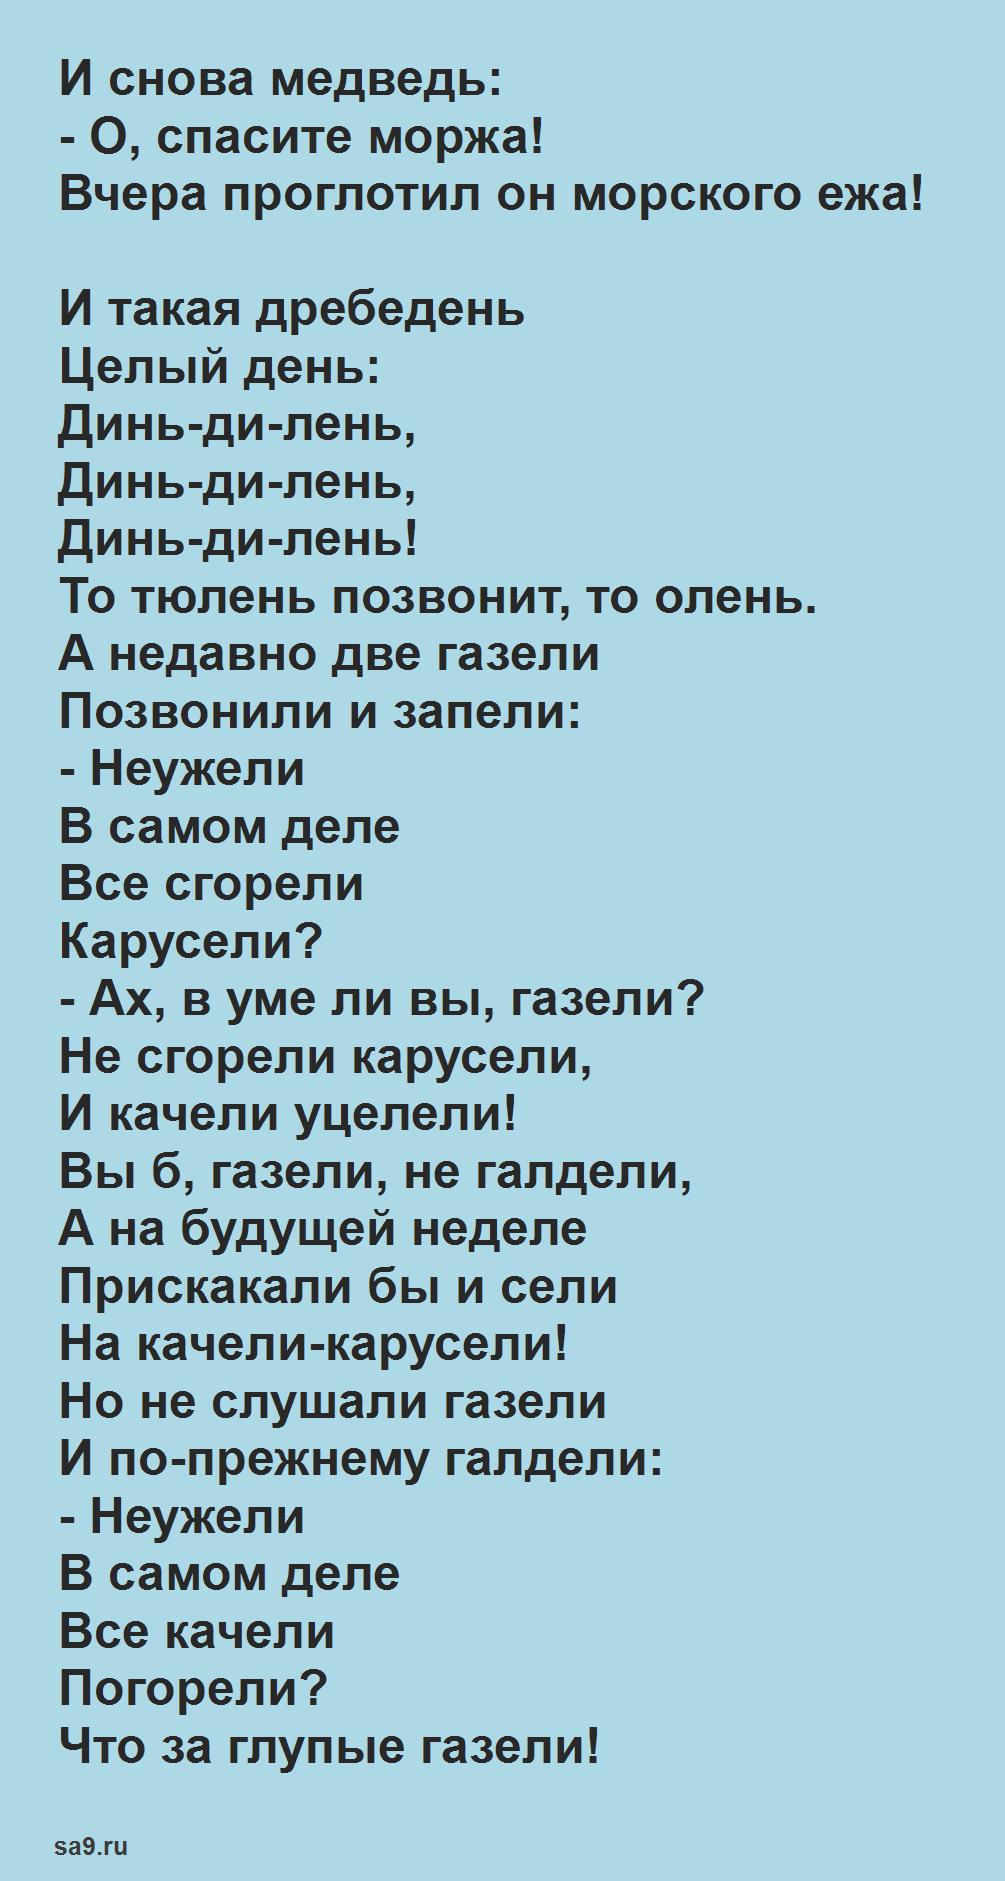 Читать сказку Чуковского для детей 'Телефон', бесплатно